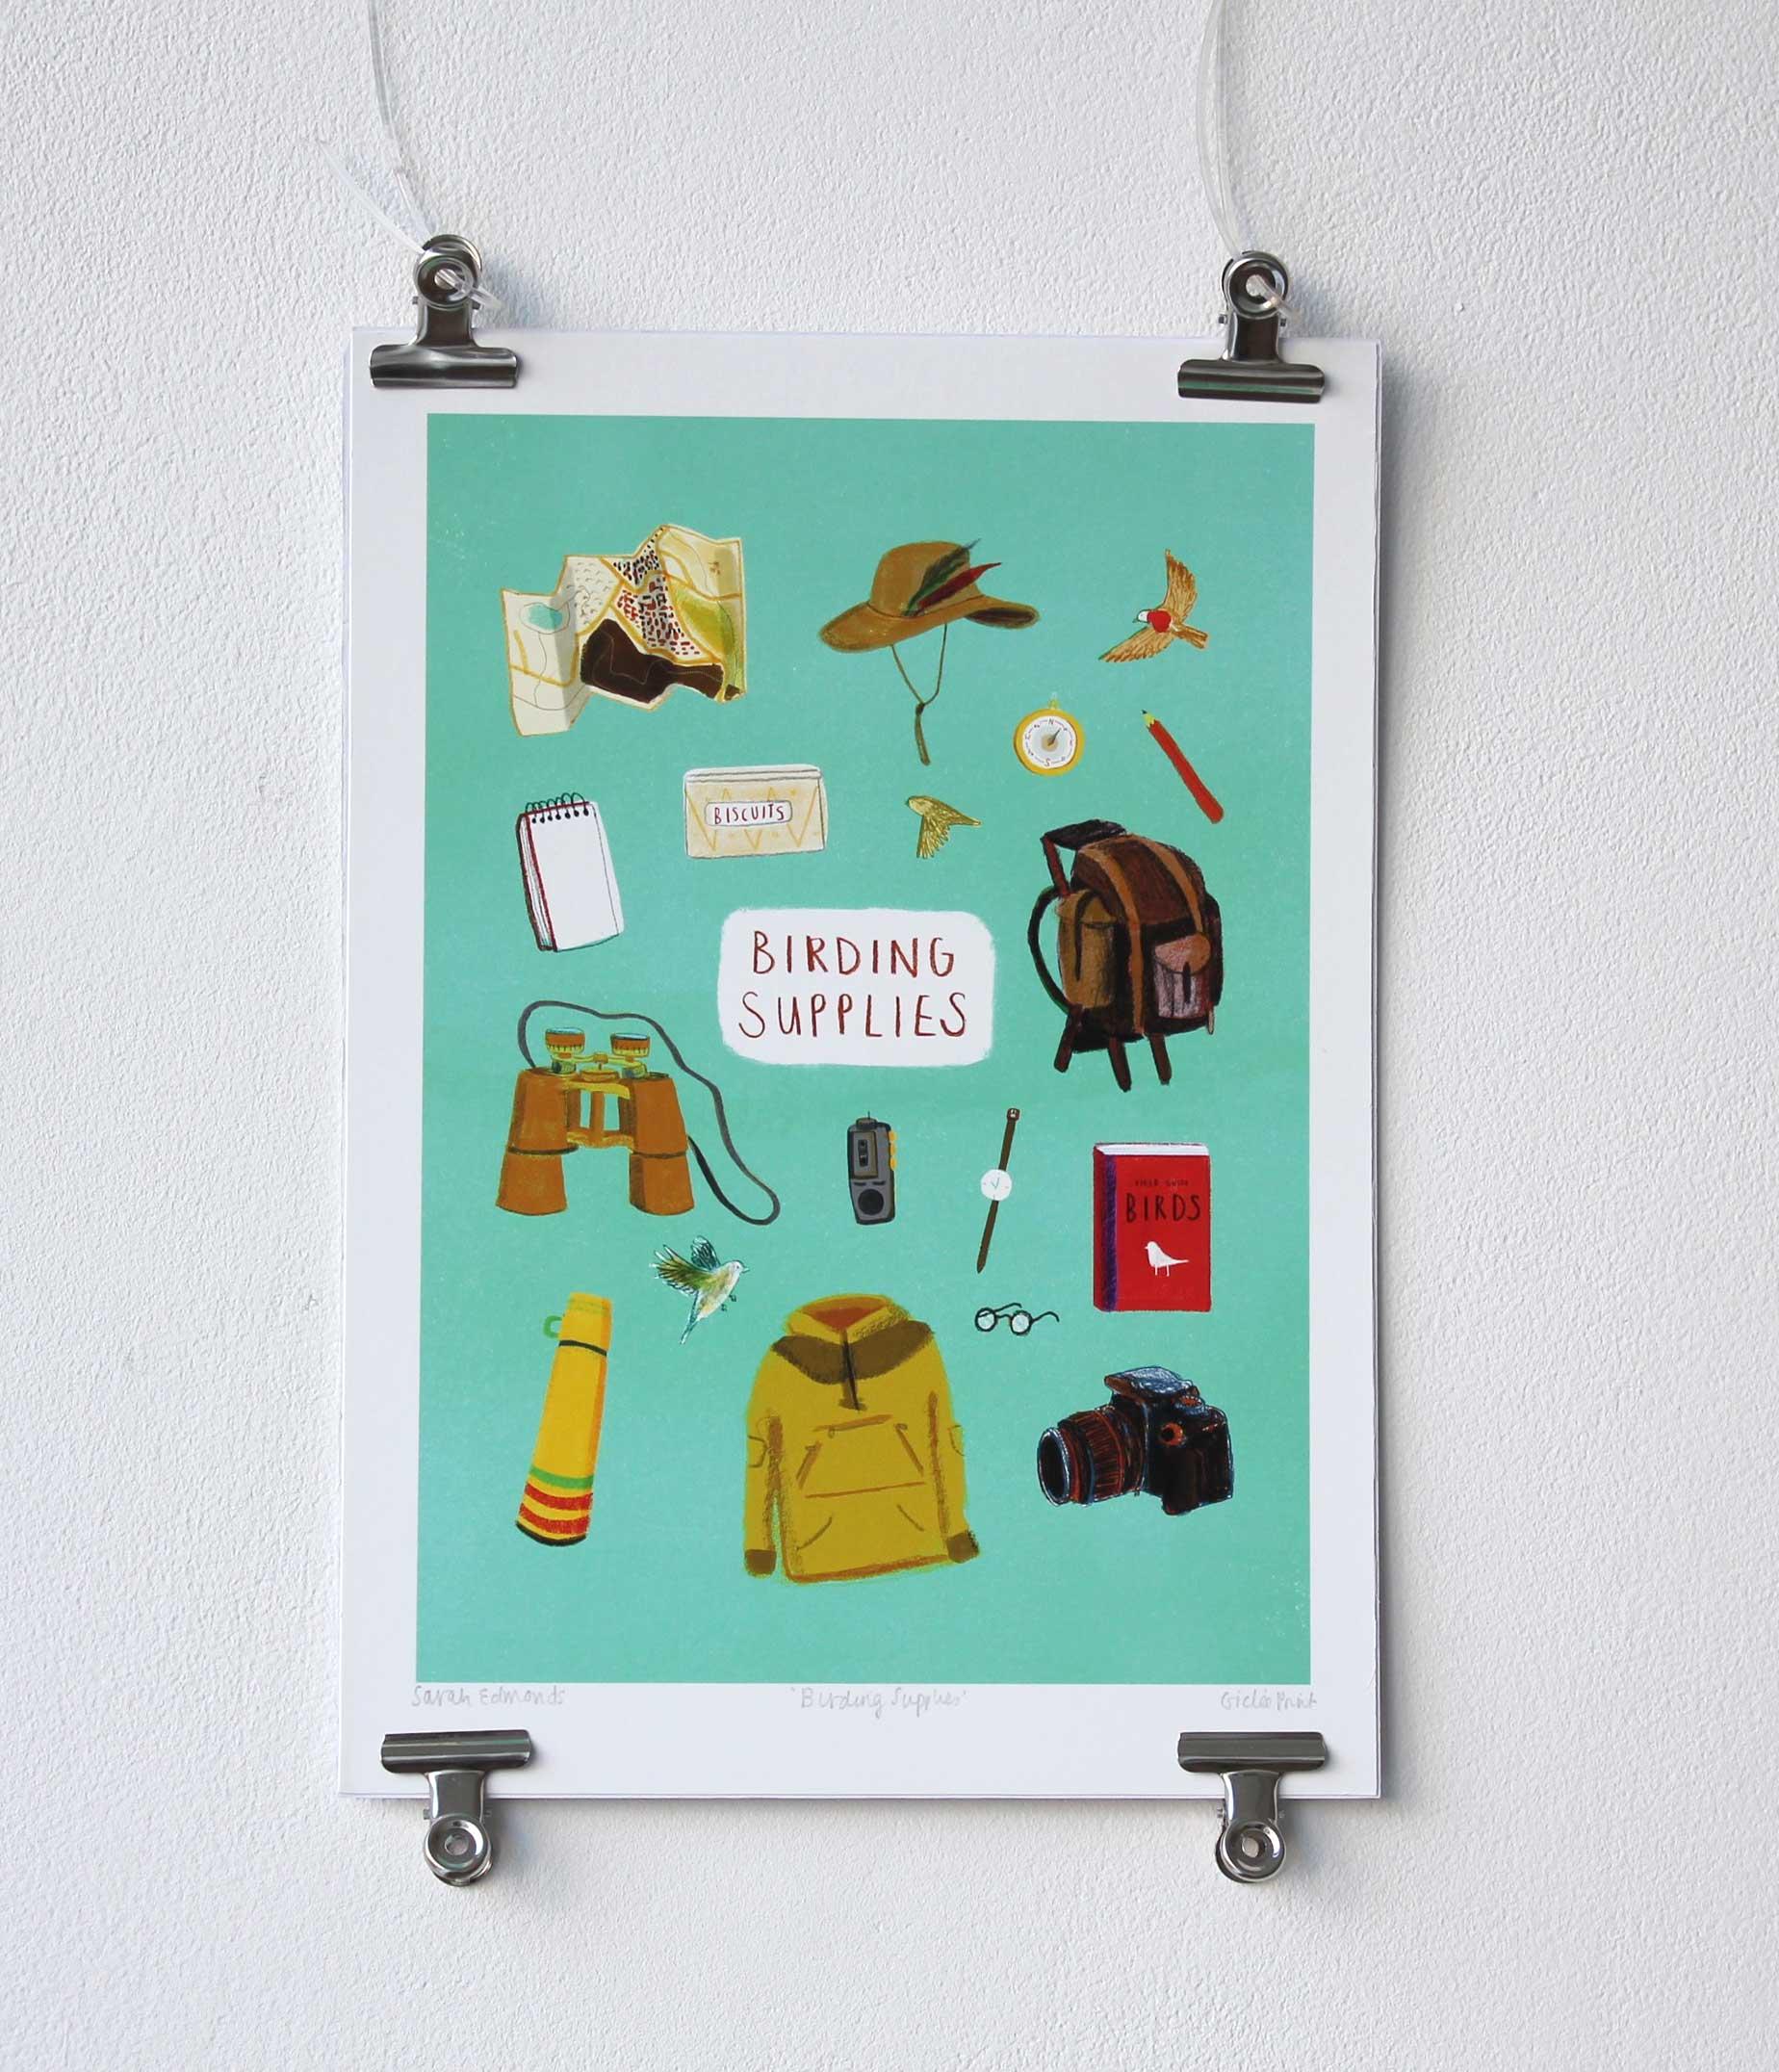 Birding Supplies, Sarah Edmonds